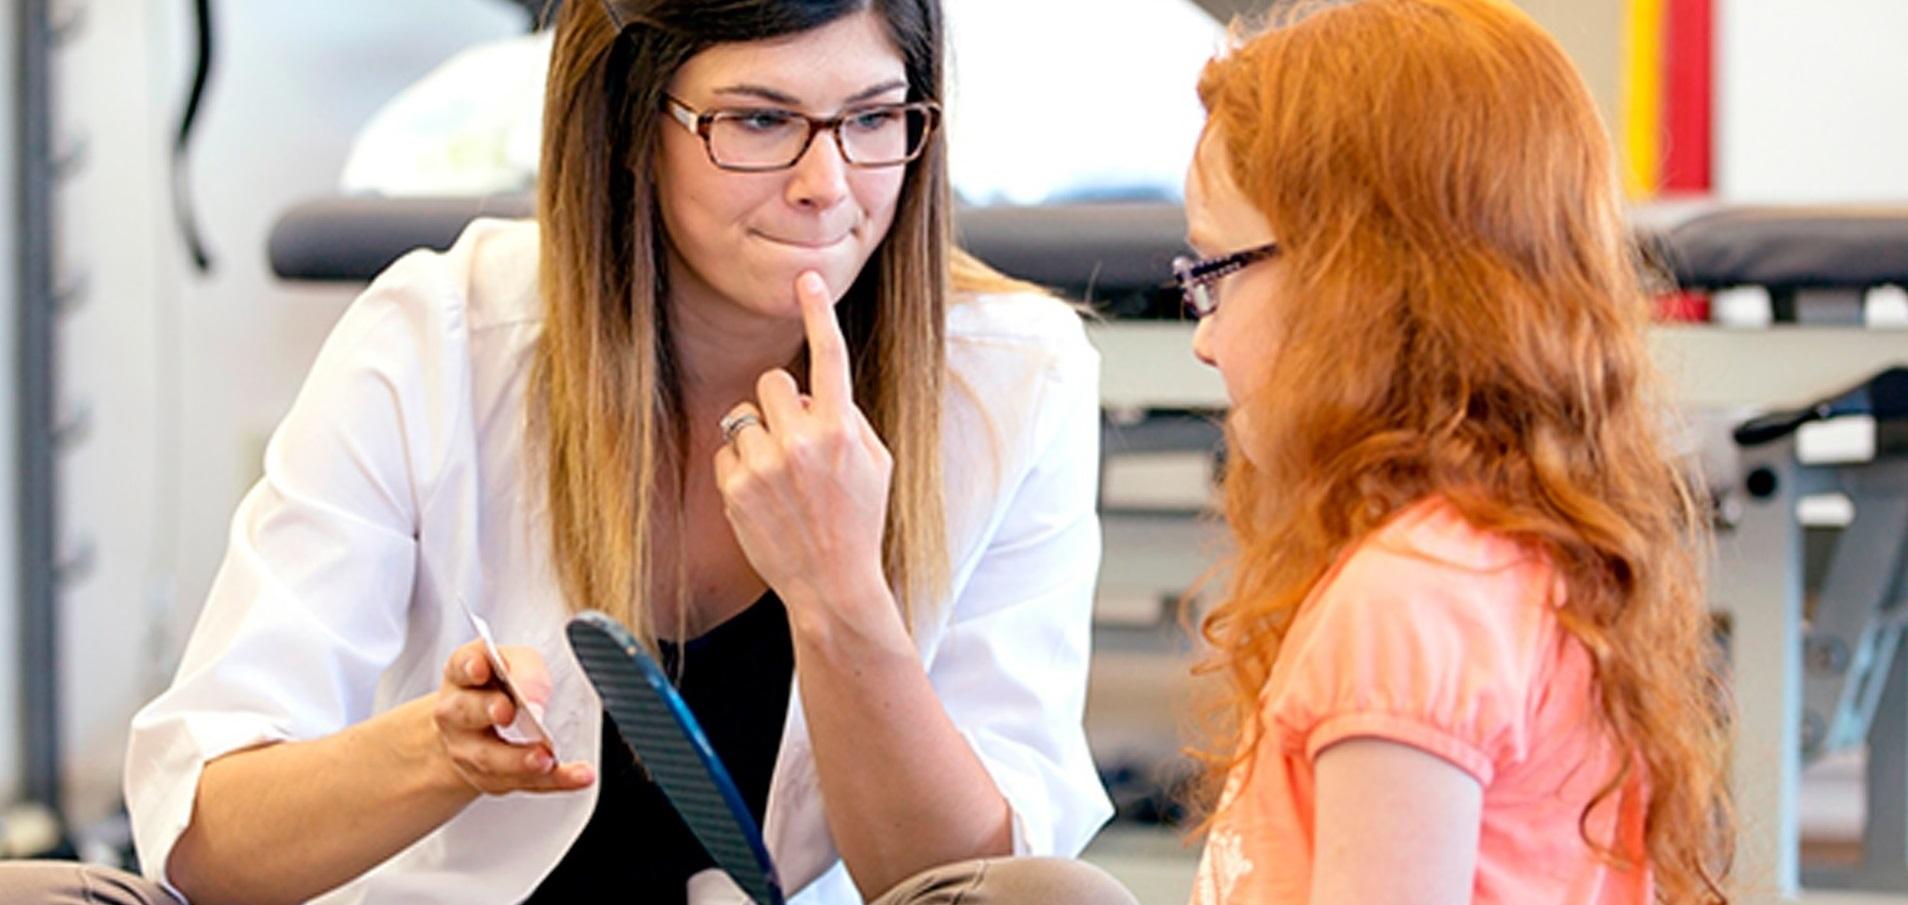 Fonoaudiólogos profundizaron en concepto de discapacidad comunicativa y el rol del profesional